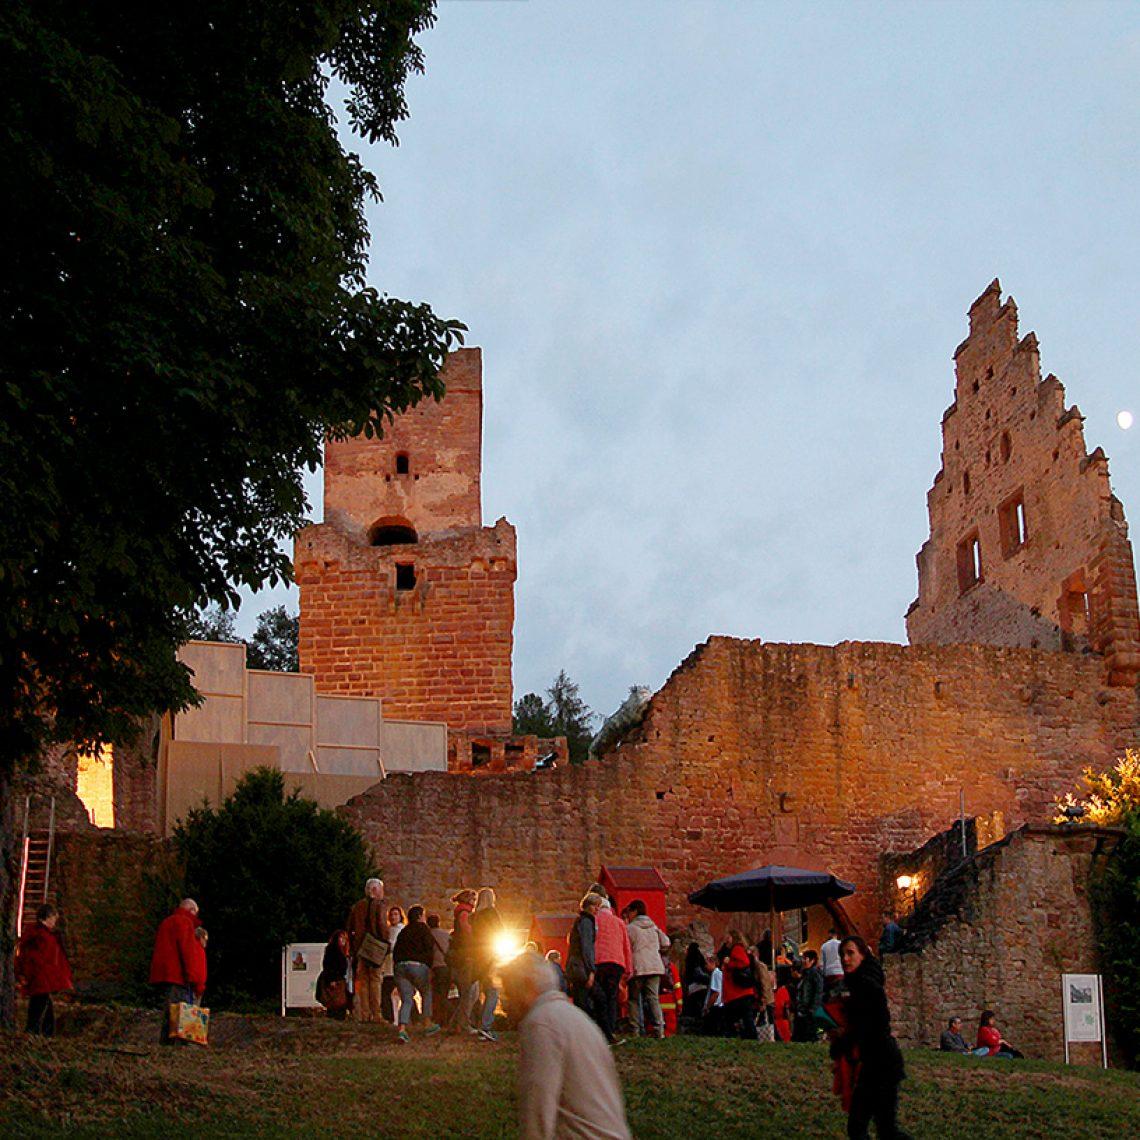 Inmitten der Burgruine Freudenburg, oberhalb der kleinen Stadt Freudenberg am Main gelegen, wird aller zwei Jahre gefeiert und Theater gespielt. Sehr authentisch und inspirierend.